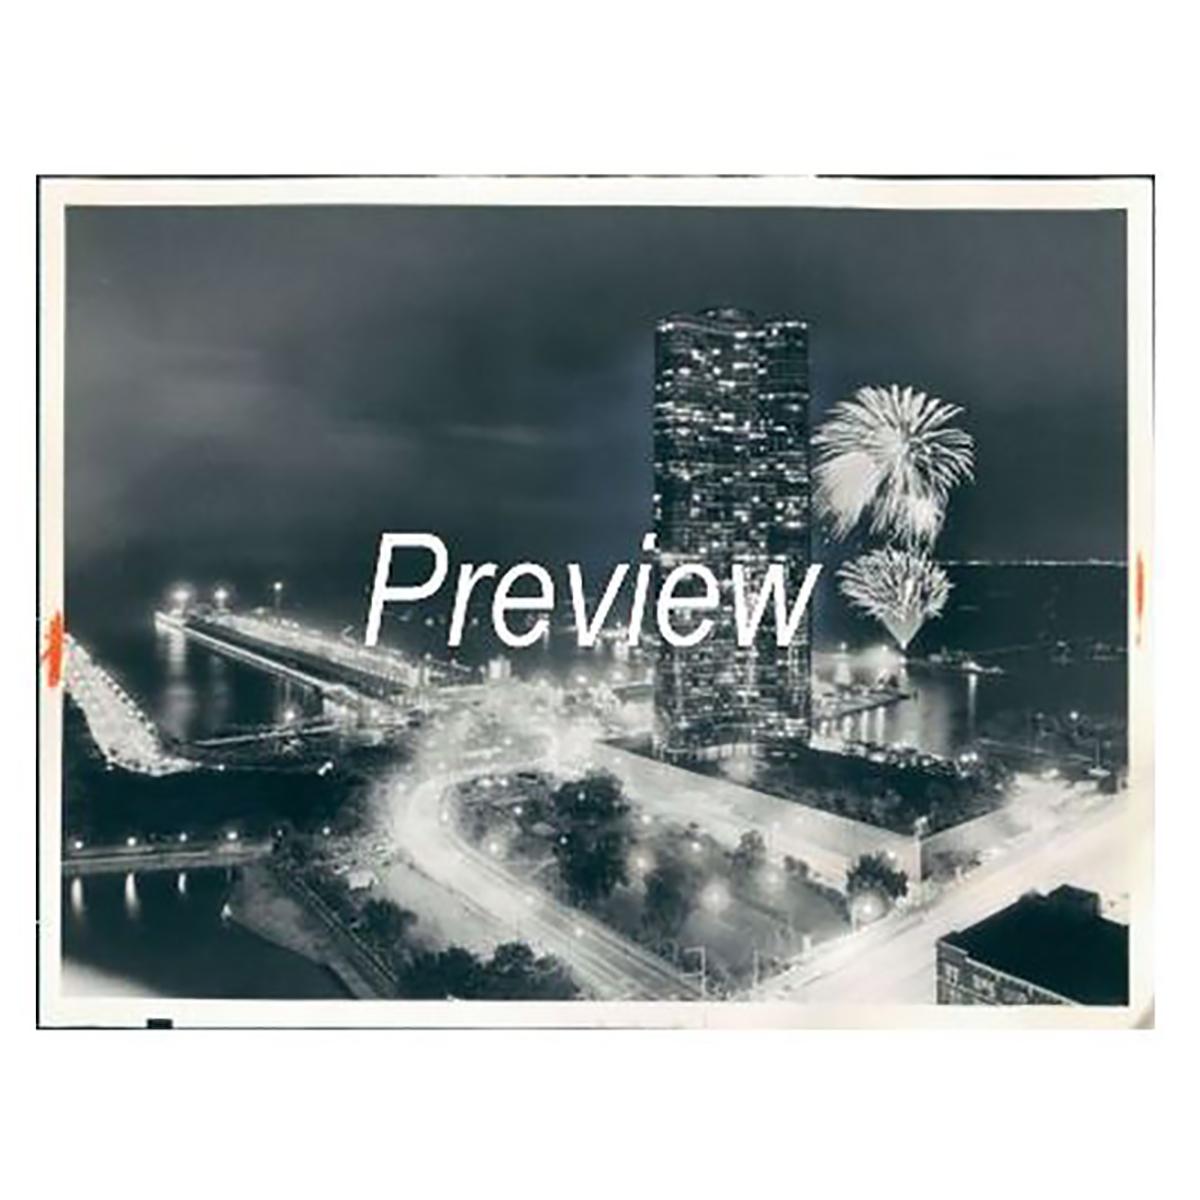 ChicagoFest Fireworks (1979)